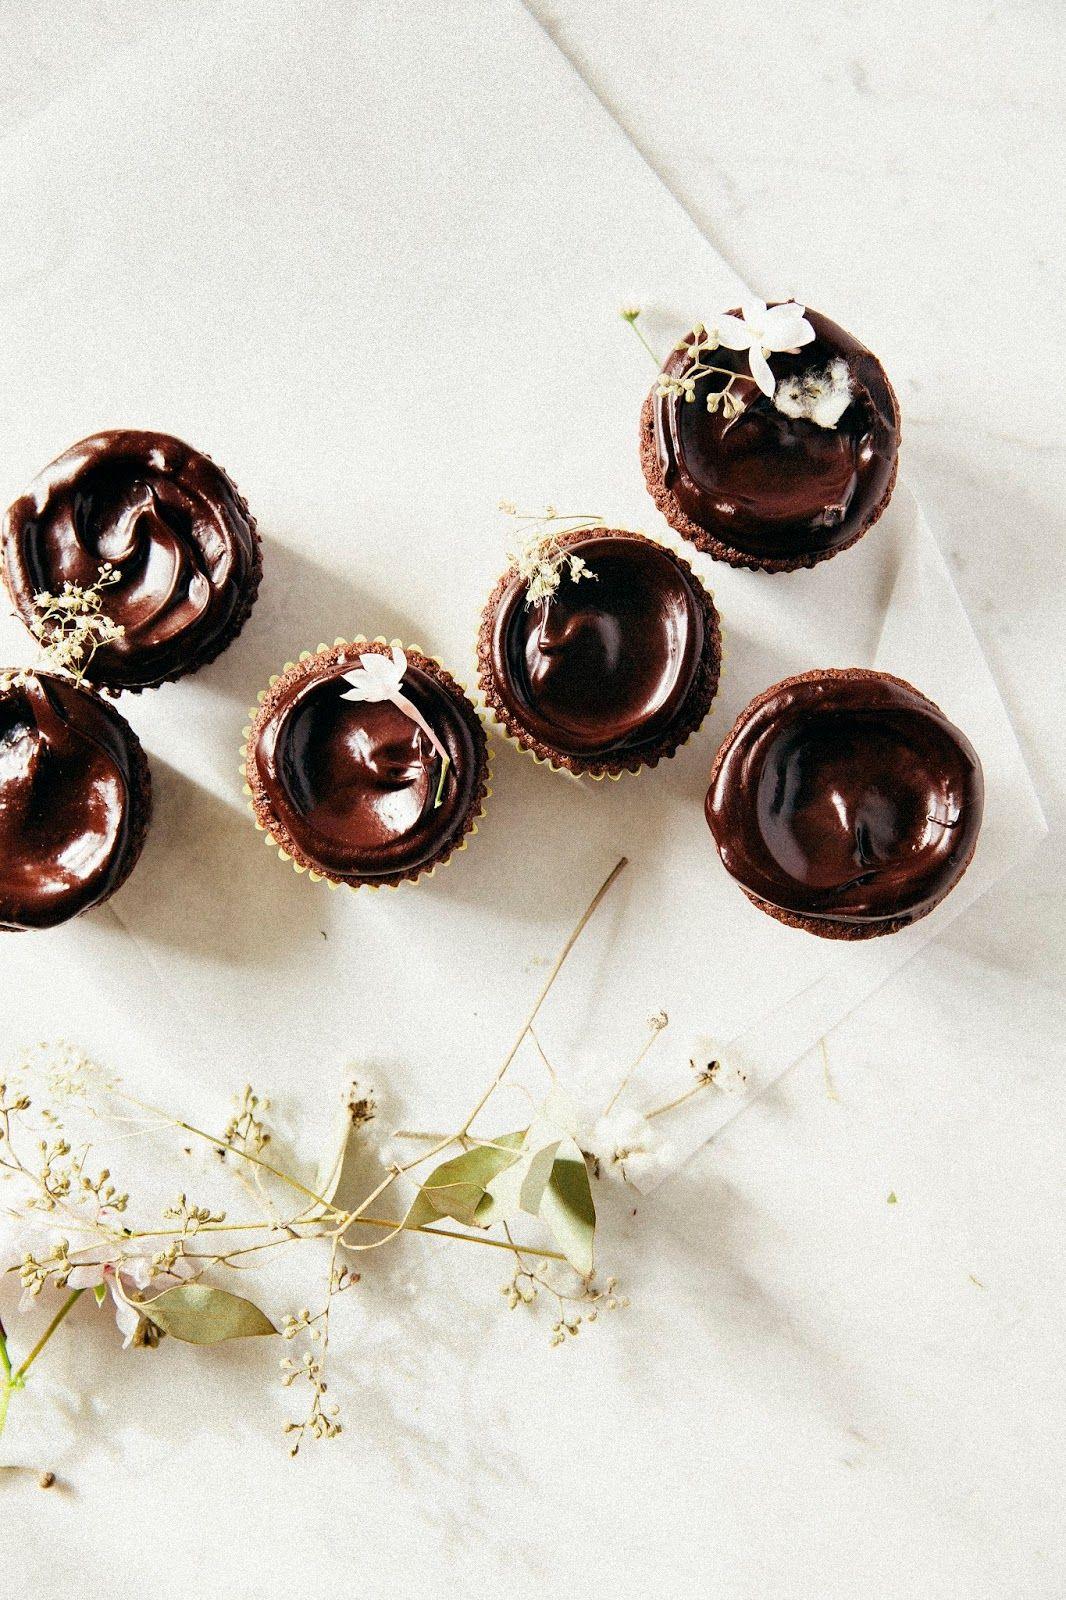 ... double chocolate crème fraîche cupcakes ...